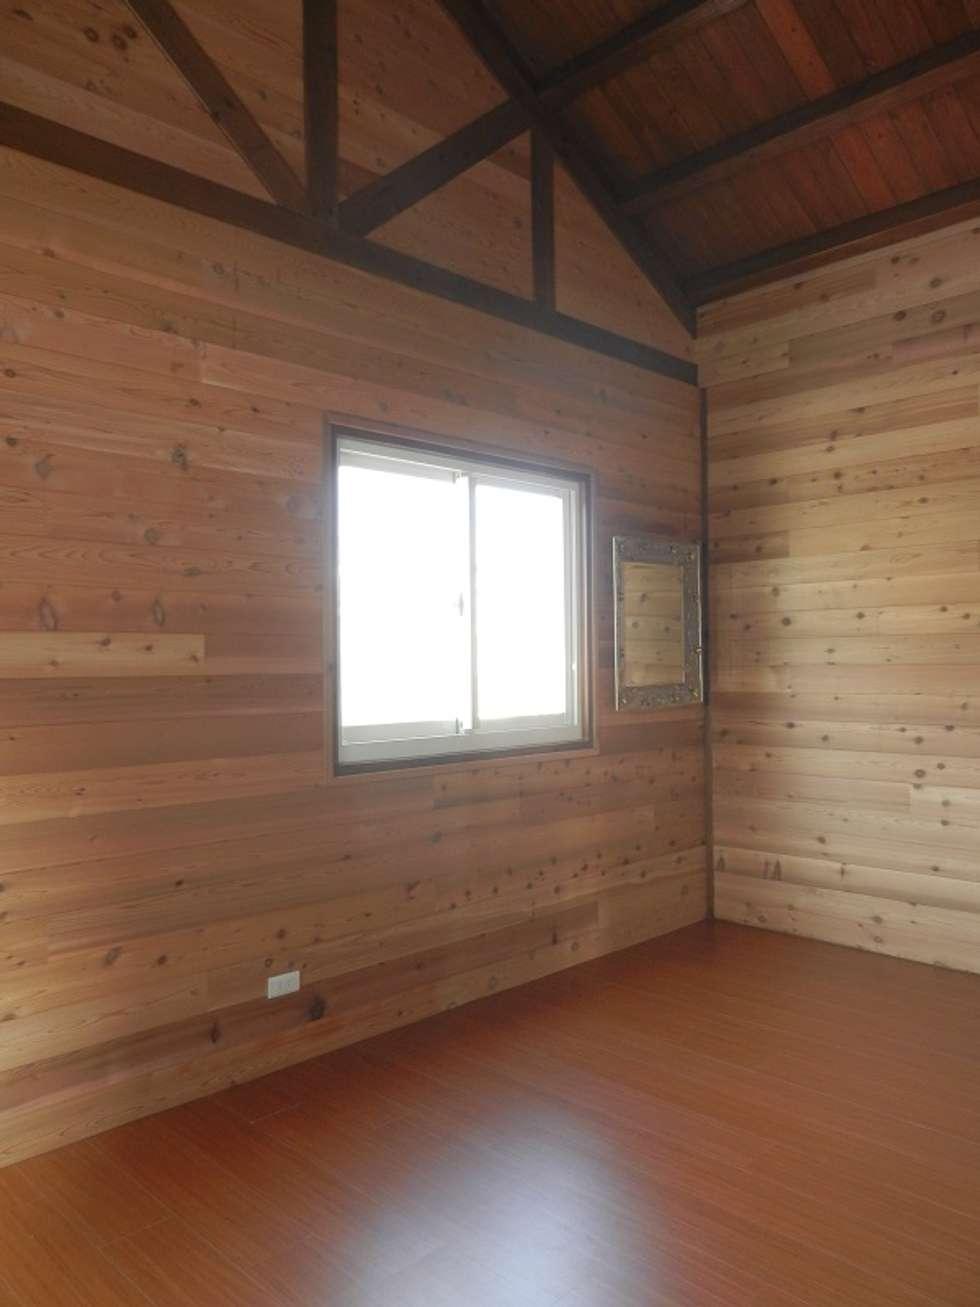 木屋 臥室:  臥室 by 山田小草木作場